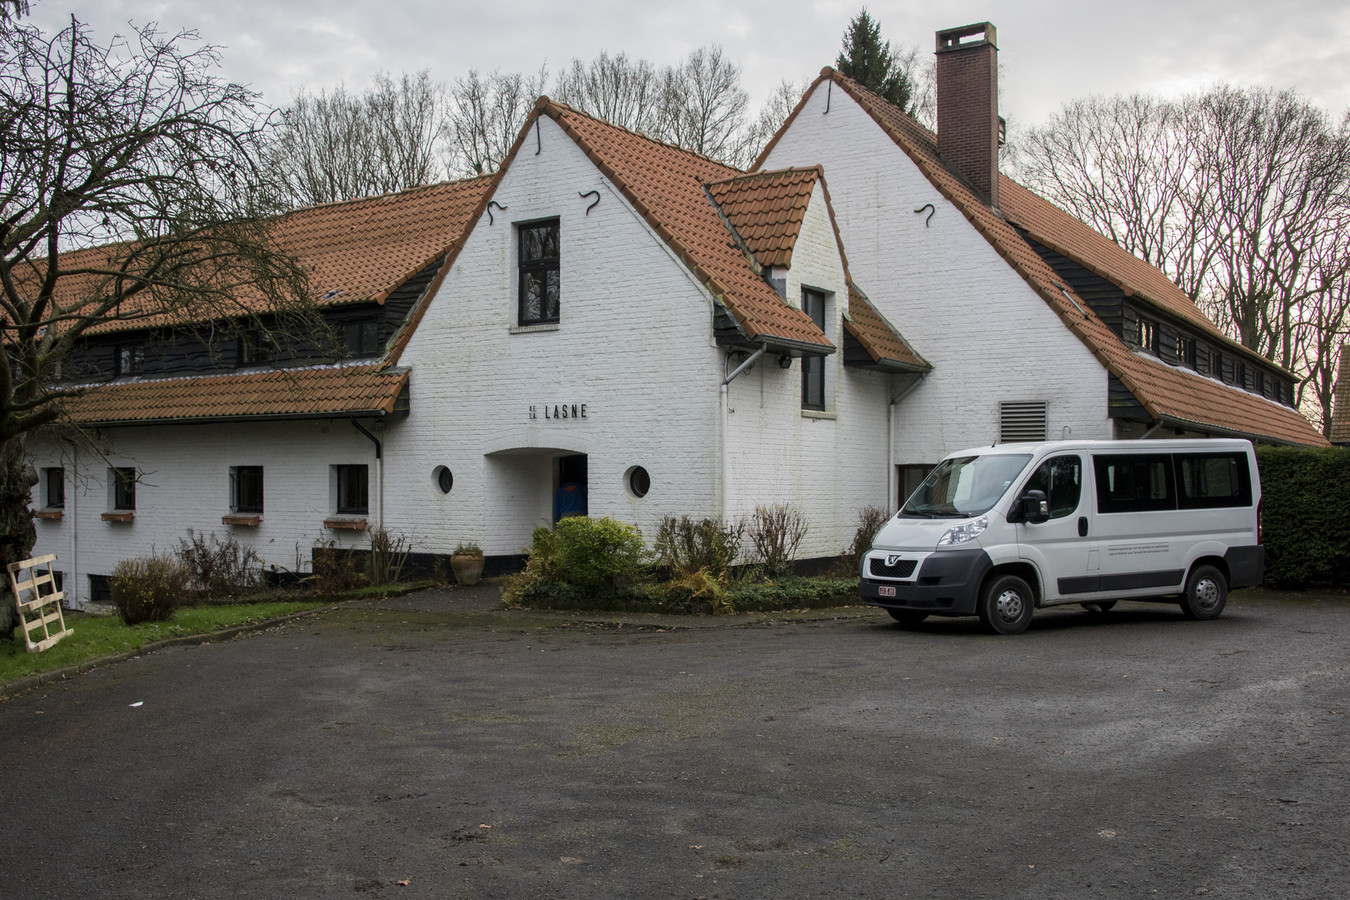 In het voormalige woonzorgcentrum 'De Lasne' in de Homeweg in Terlanen worden binnenkort opnieuw jonge vluchtelingen opgevangen.